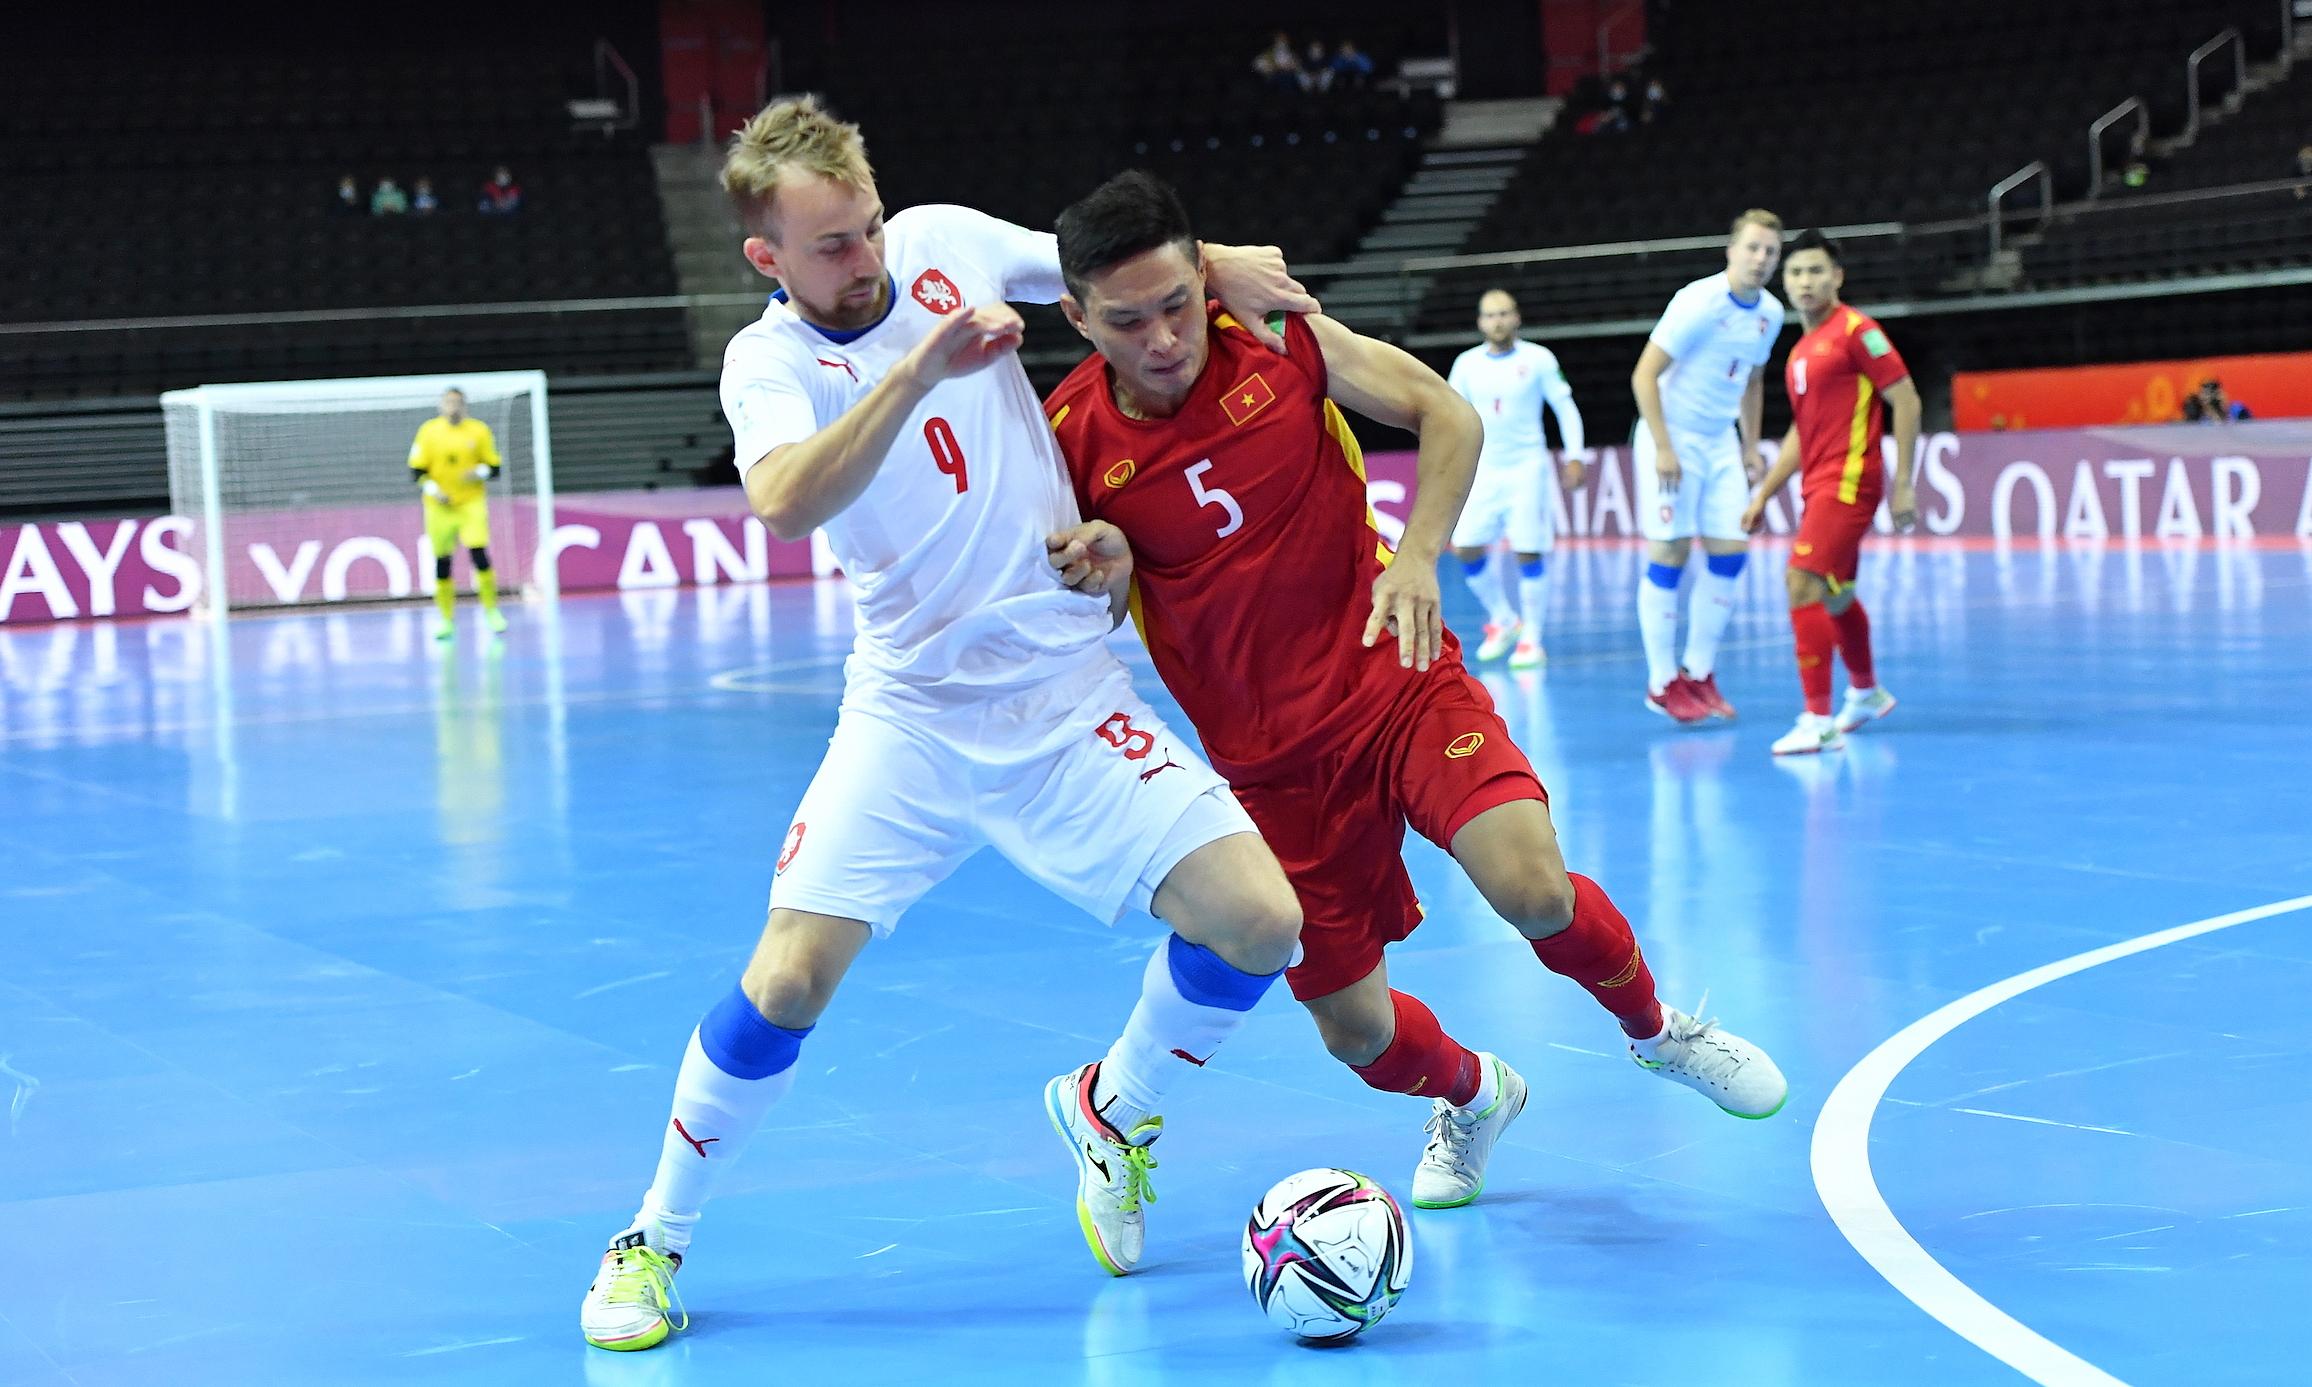 Anh Quý (số 5) tranh bóng với Tomas Koudelka. Ảnh: VFF